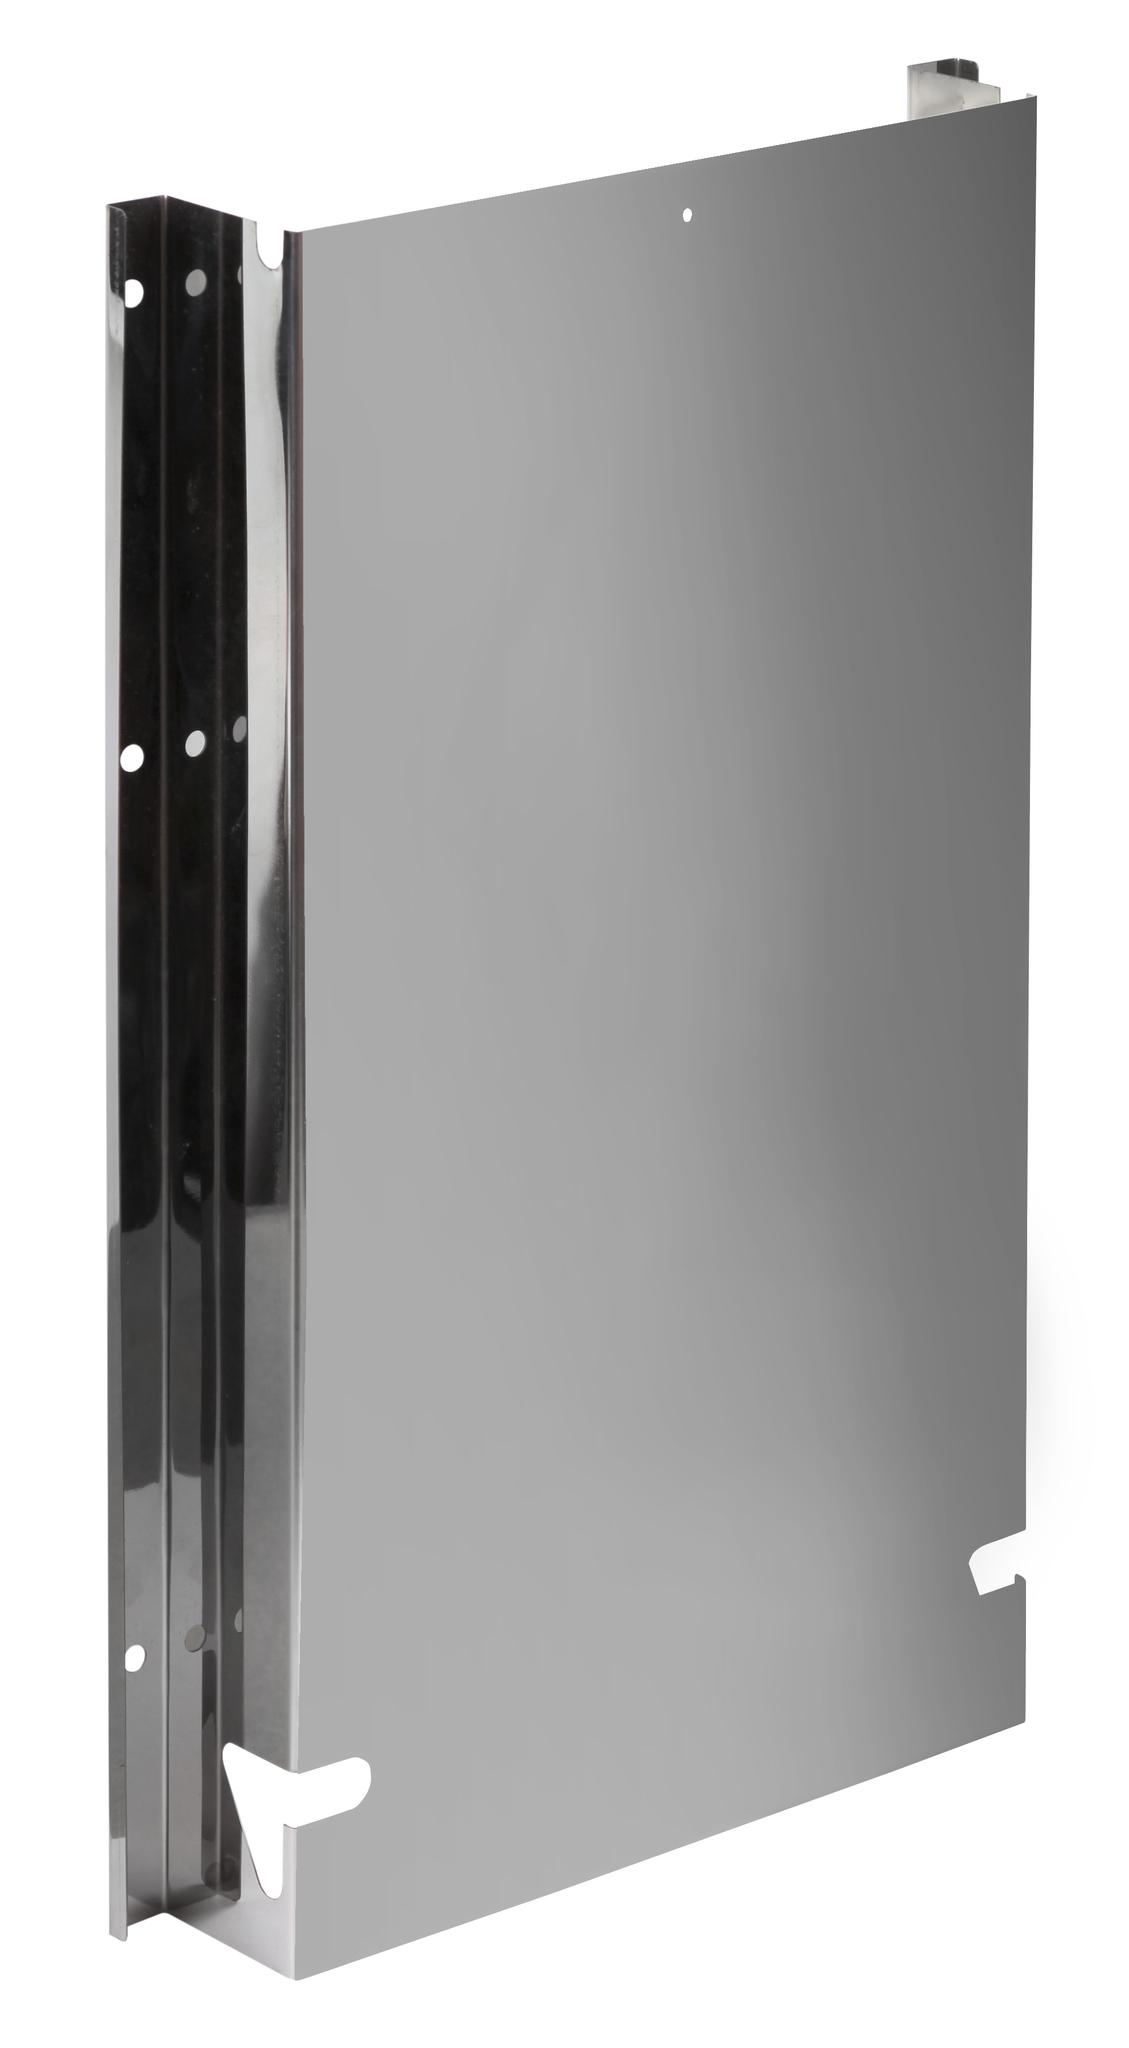 Фото - Монтажные элементы: Кронштейн SAWO HP01-006 для монтажа печи MINI X на стену кронштейн